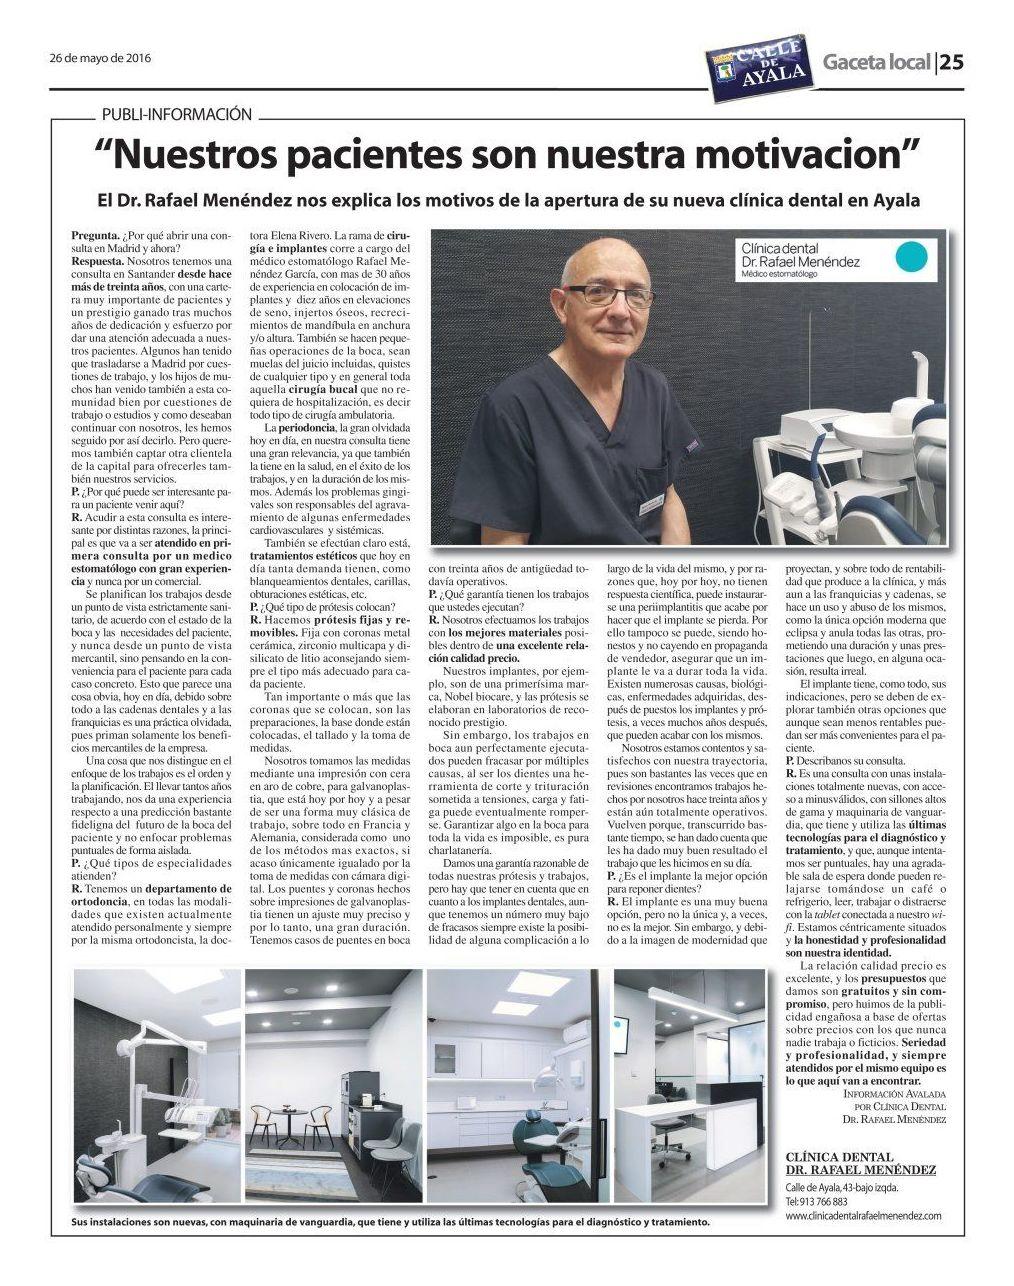 Clínicas dentales estomatólogo en el Barrio de Salamanca, Madrid